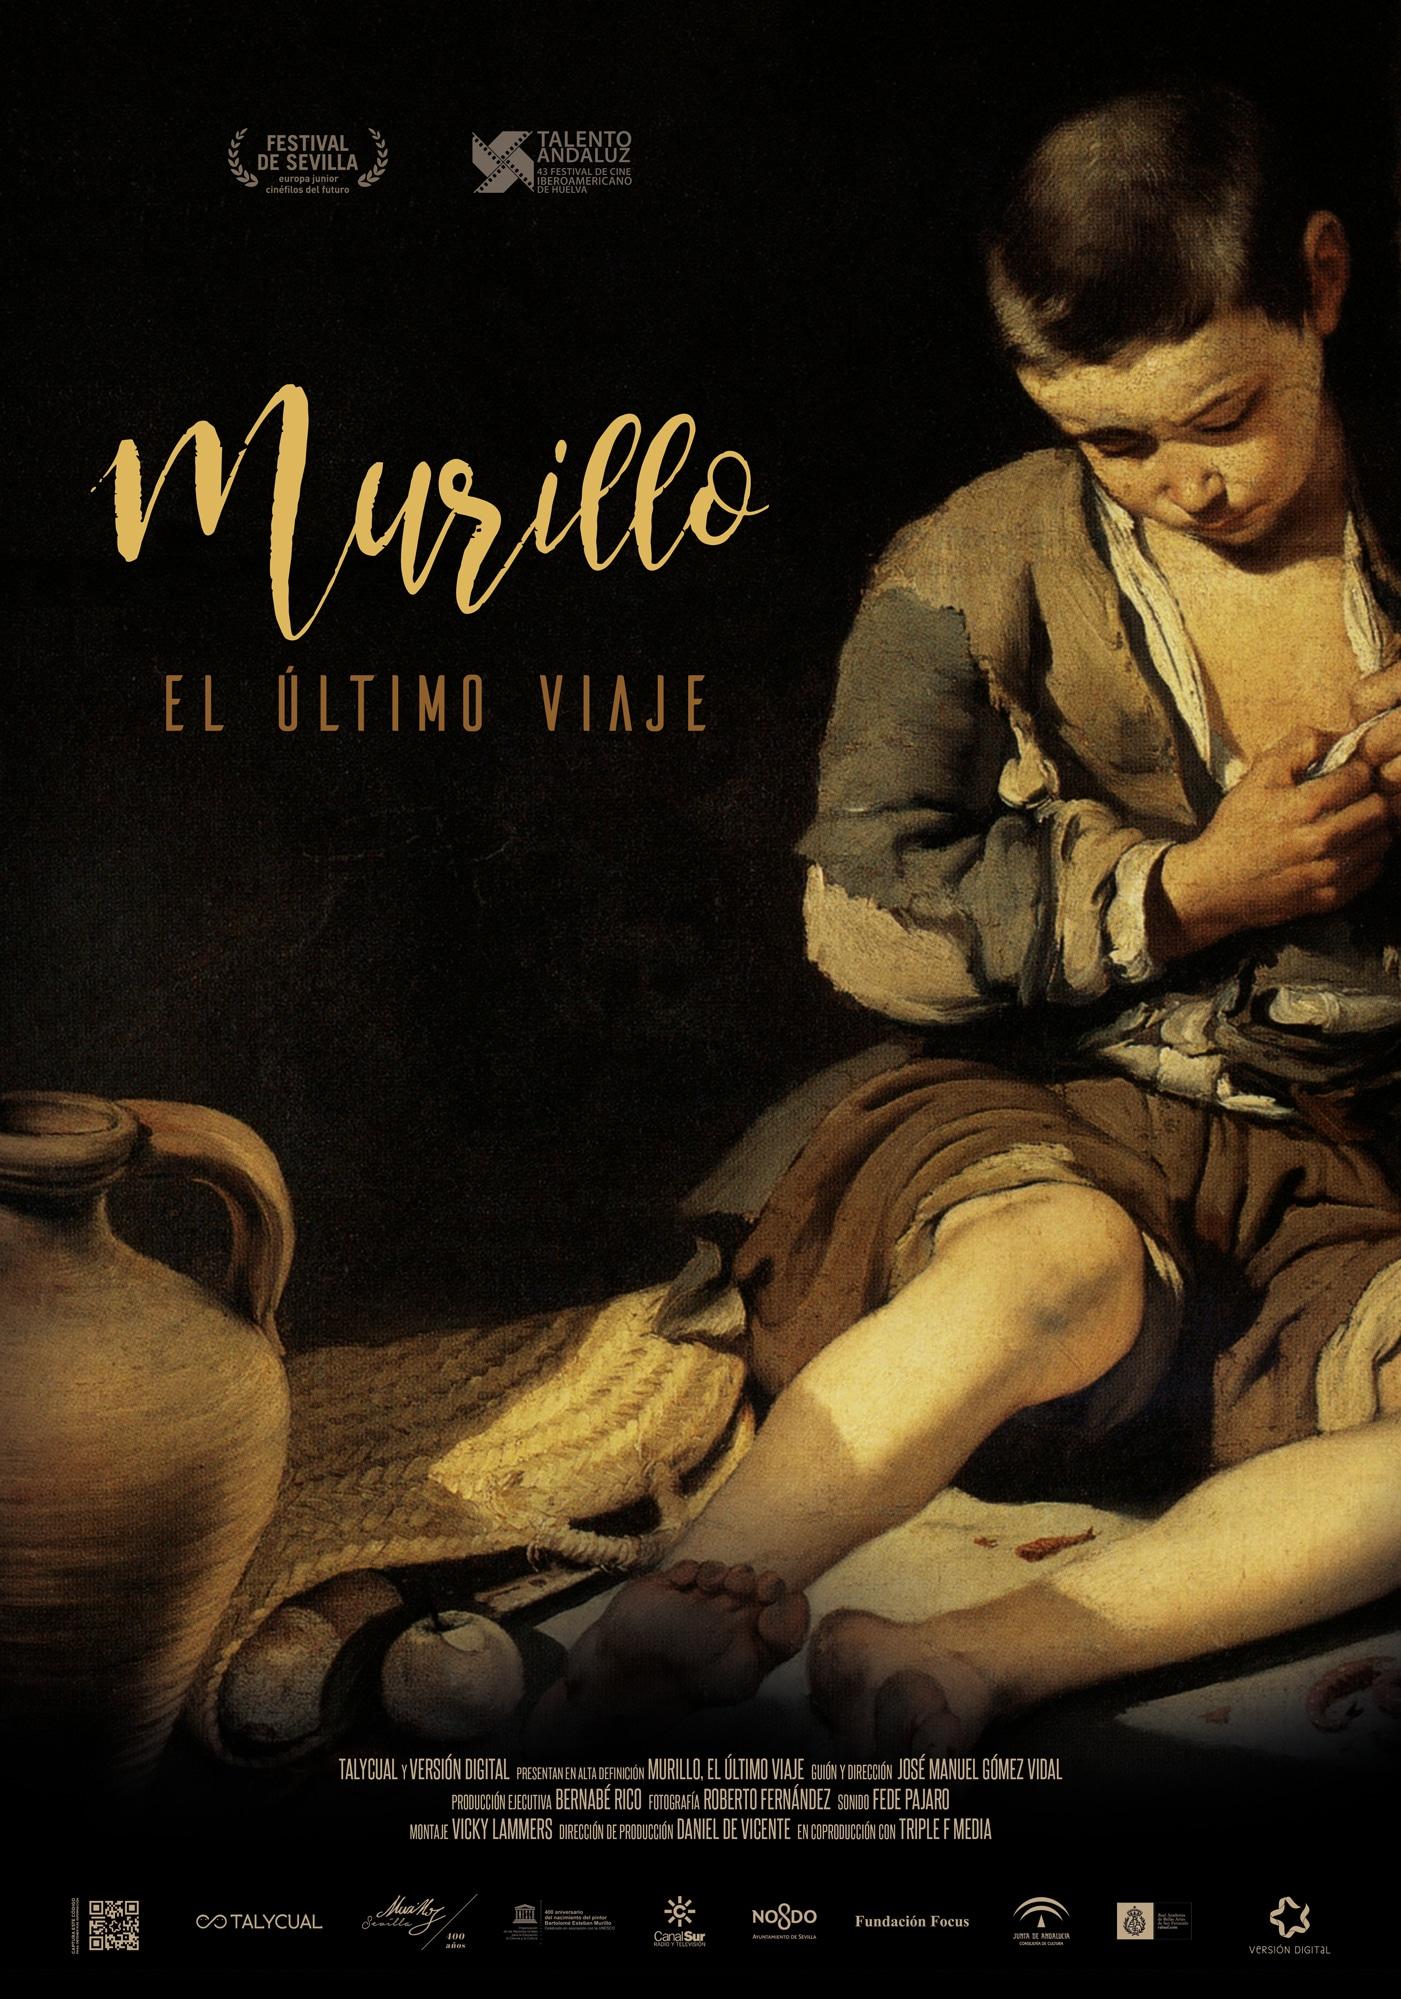 Murillo, el Último Viaje